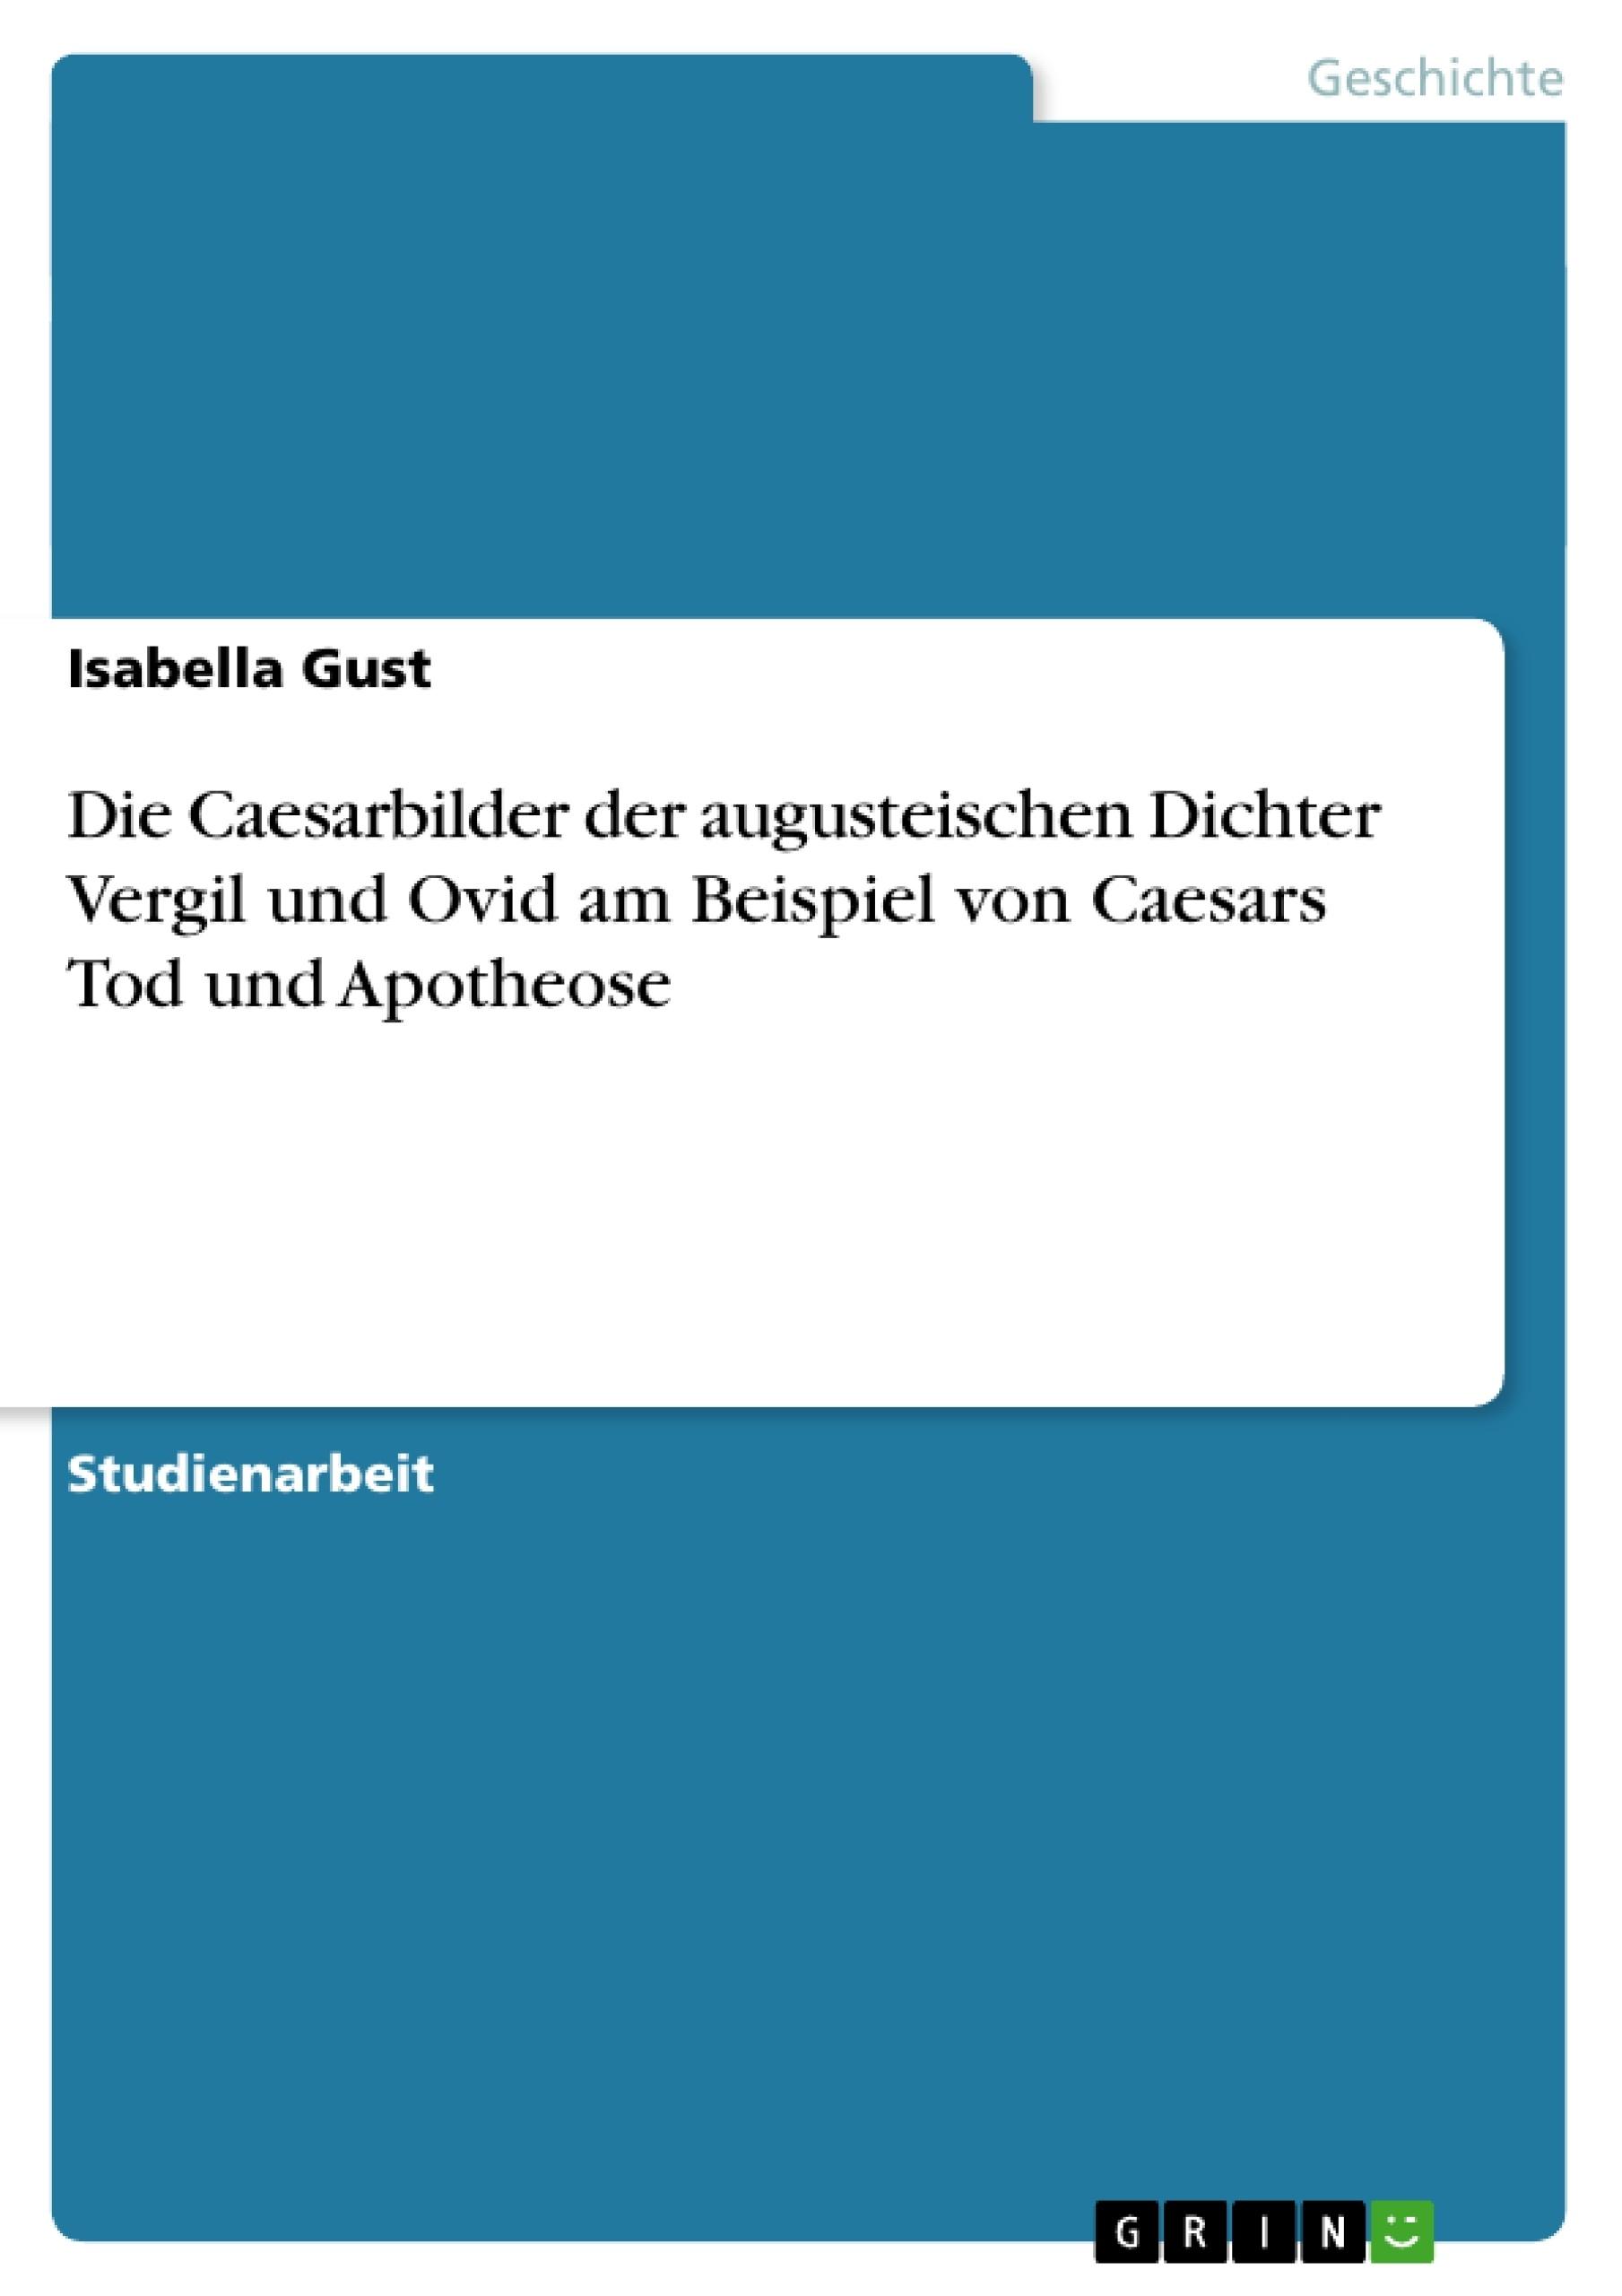 Titel: Die Caesarbilder der augusteischen Dichter Vergil und Ovid am Beispiel von Caesars Tod und Apotheose